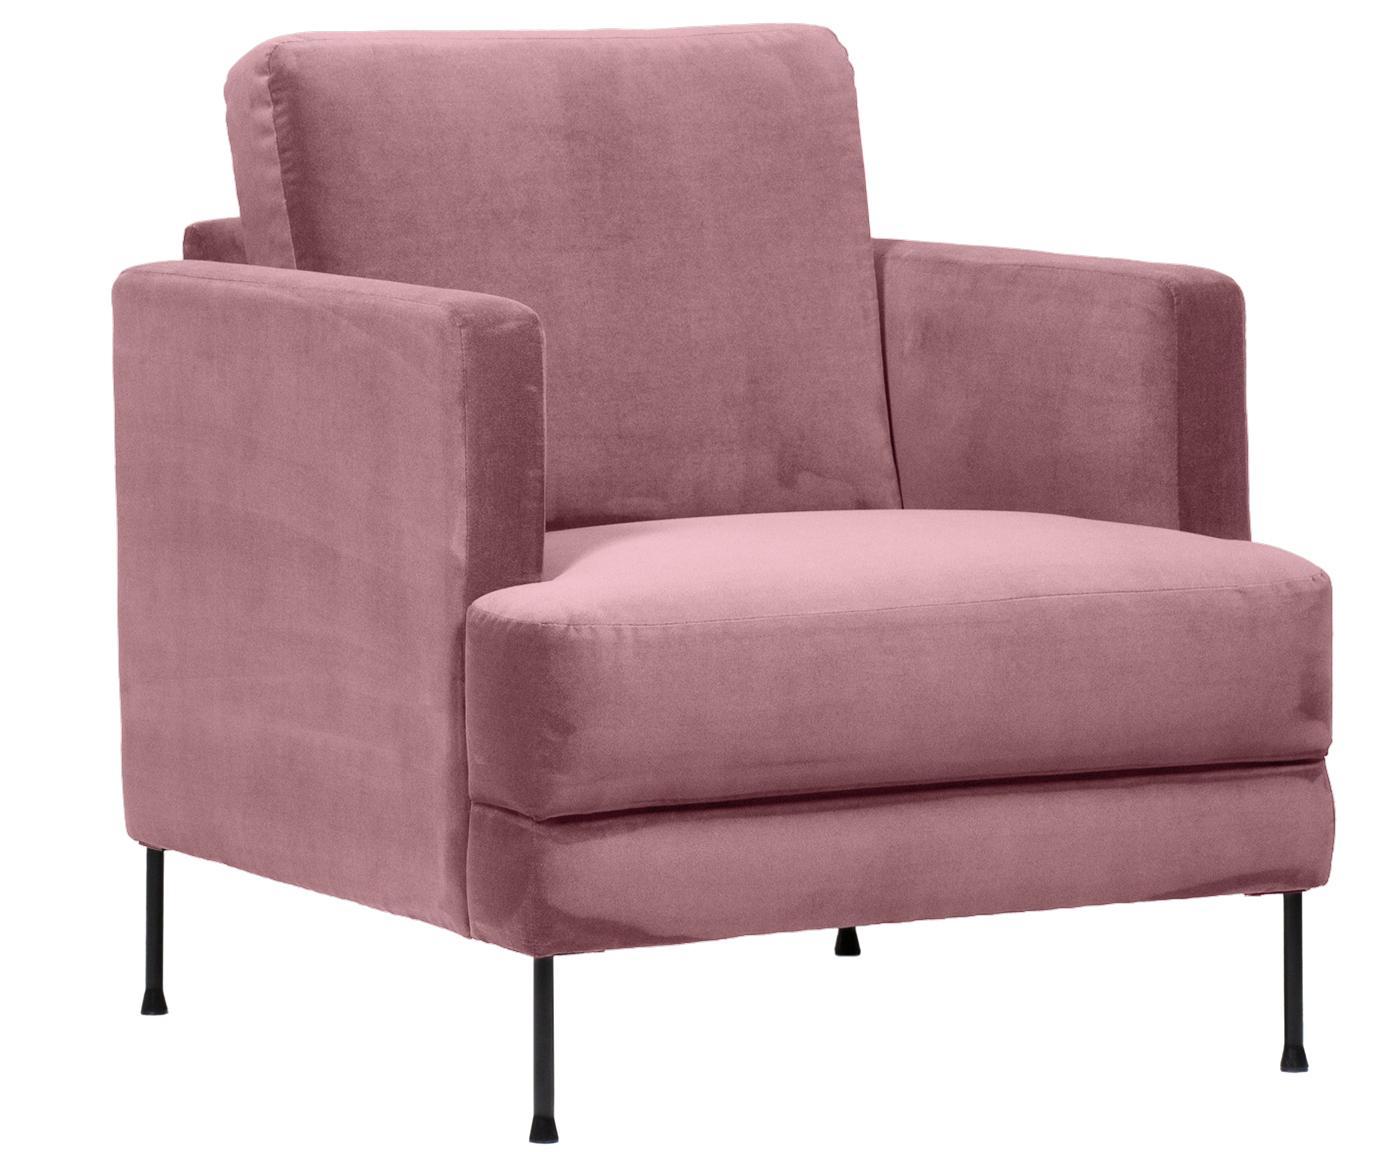 Fotel z aksamitu Fluente, Tapicerka: aksamit (wysokiej jakości, Stelaż: lite drewno sosnowe, Nogi: metal lakierowany, Blady różowy aksamit, S 76 x G 83 cm